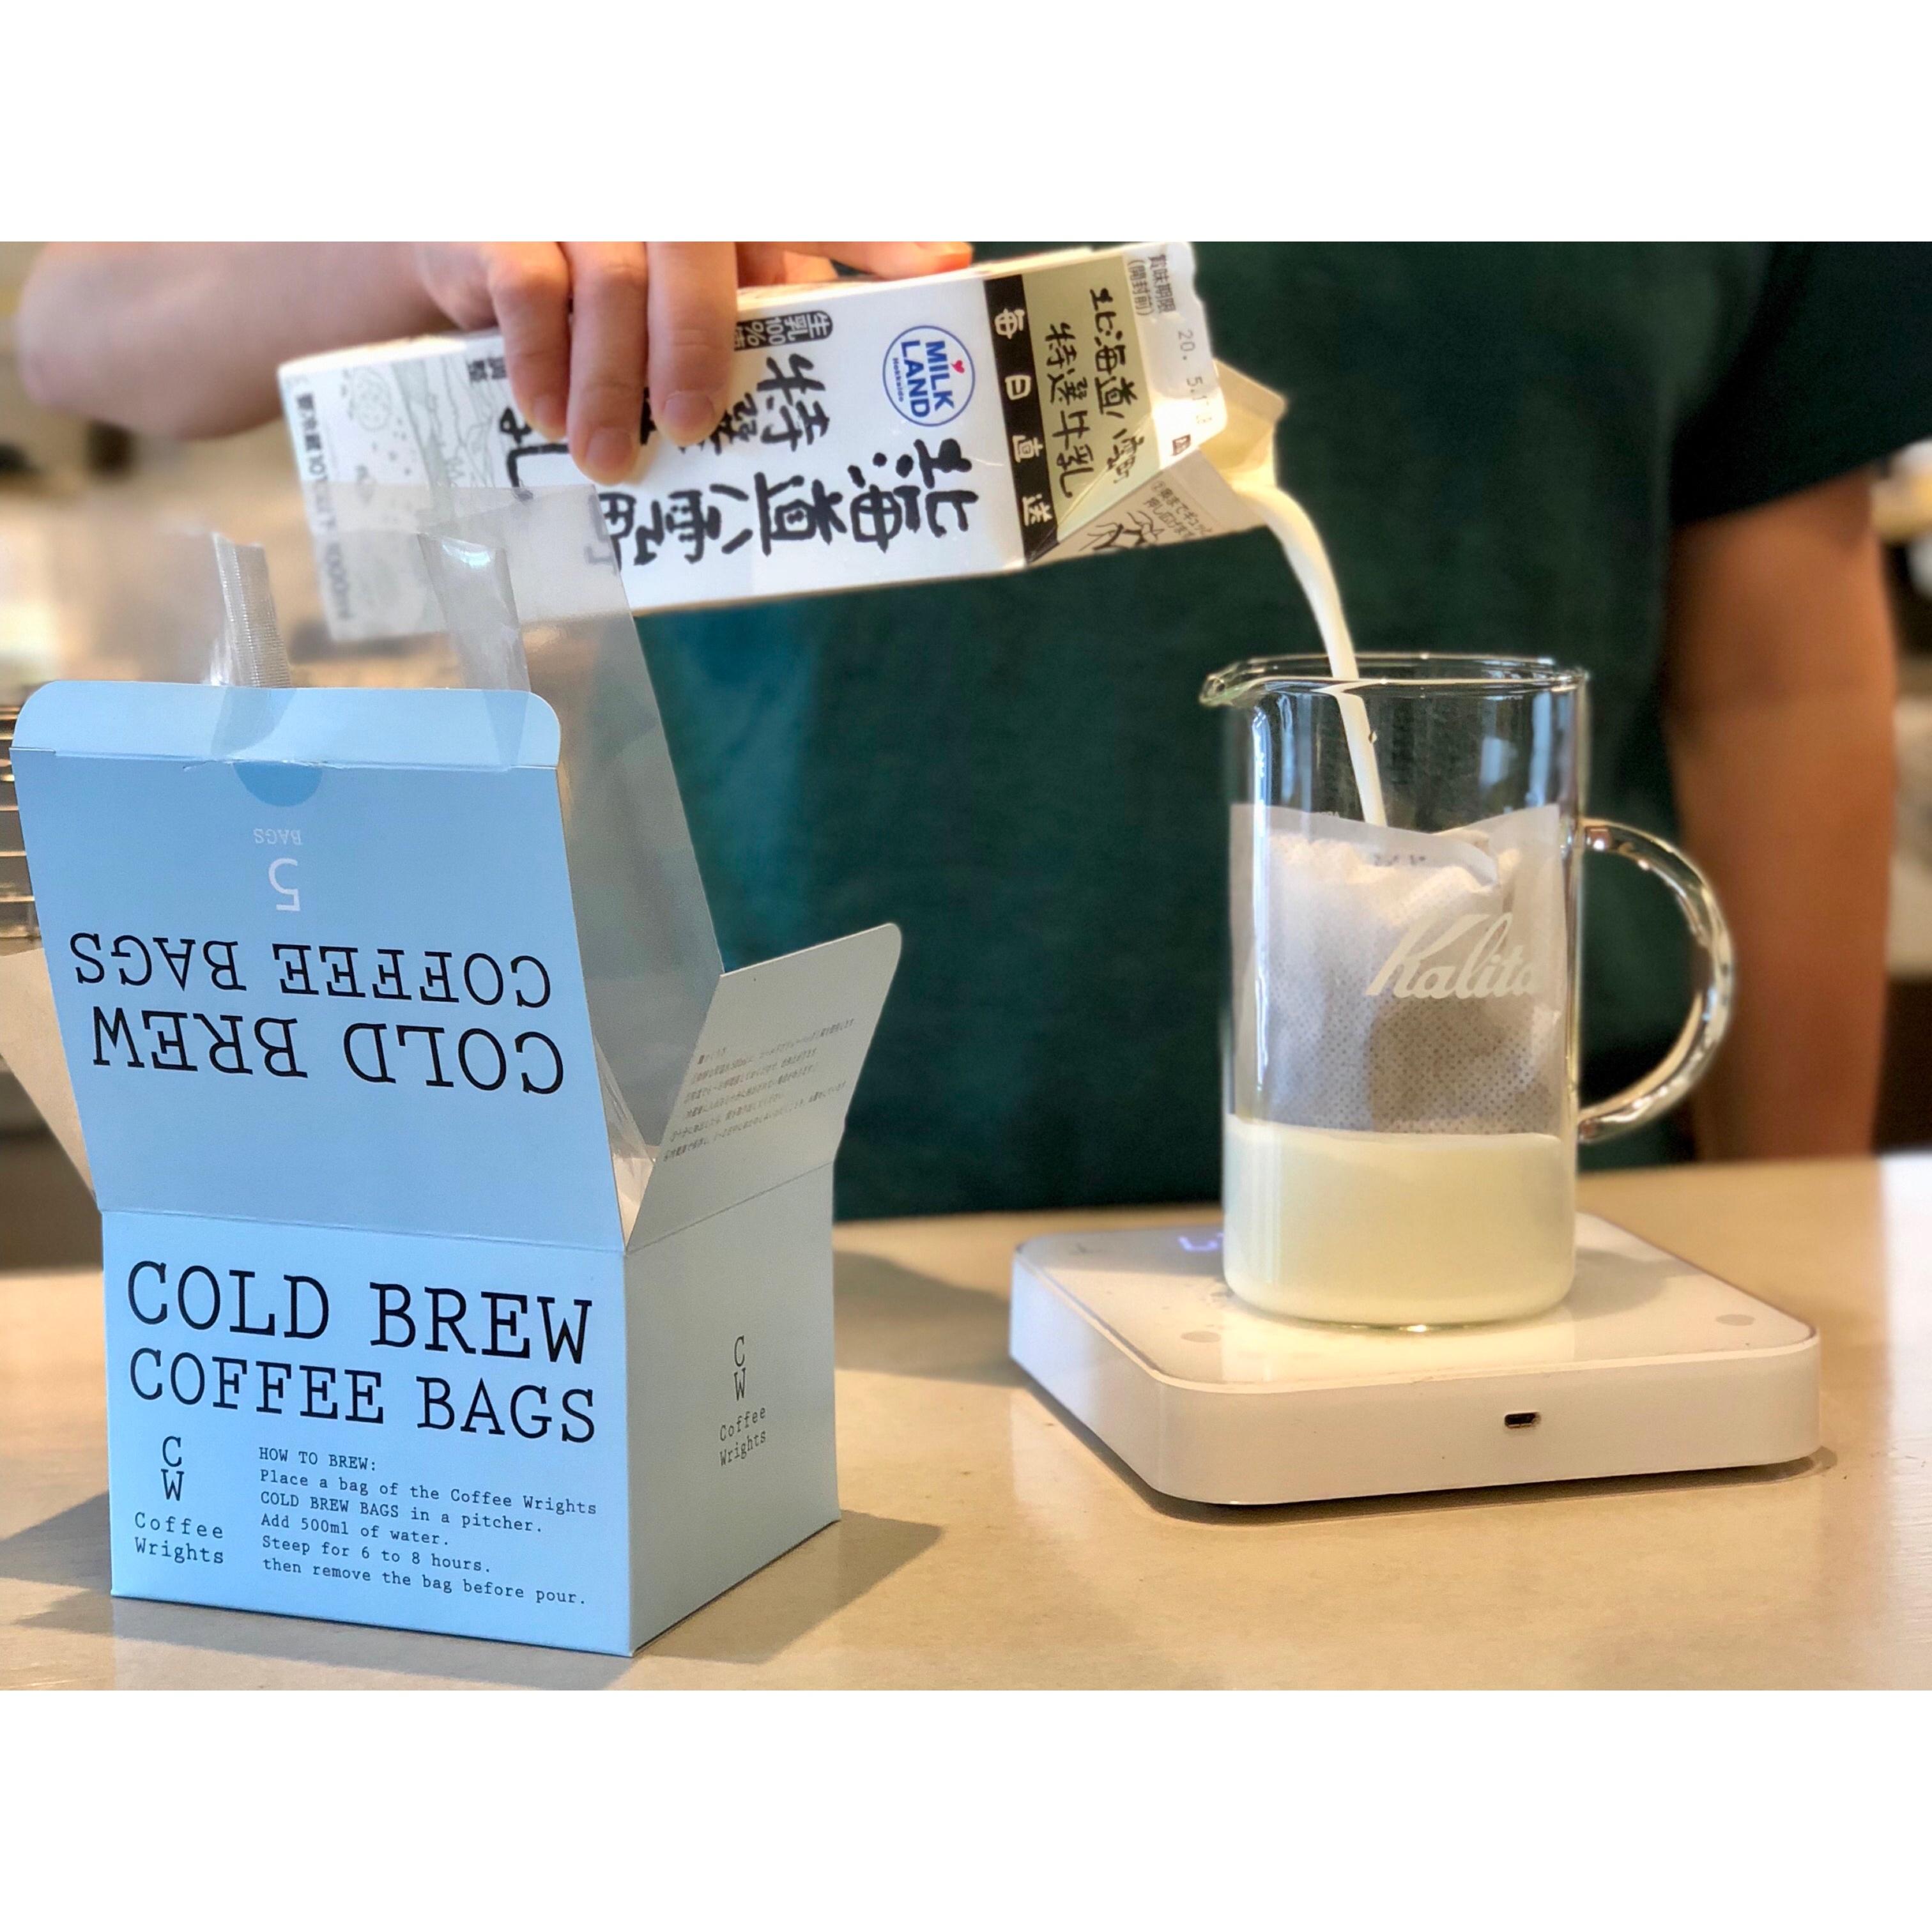 バッグ1袋に対して500gの牛乳またはお好みのミルクを注ぐ。